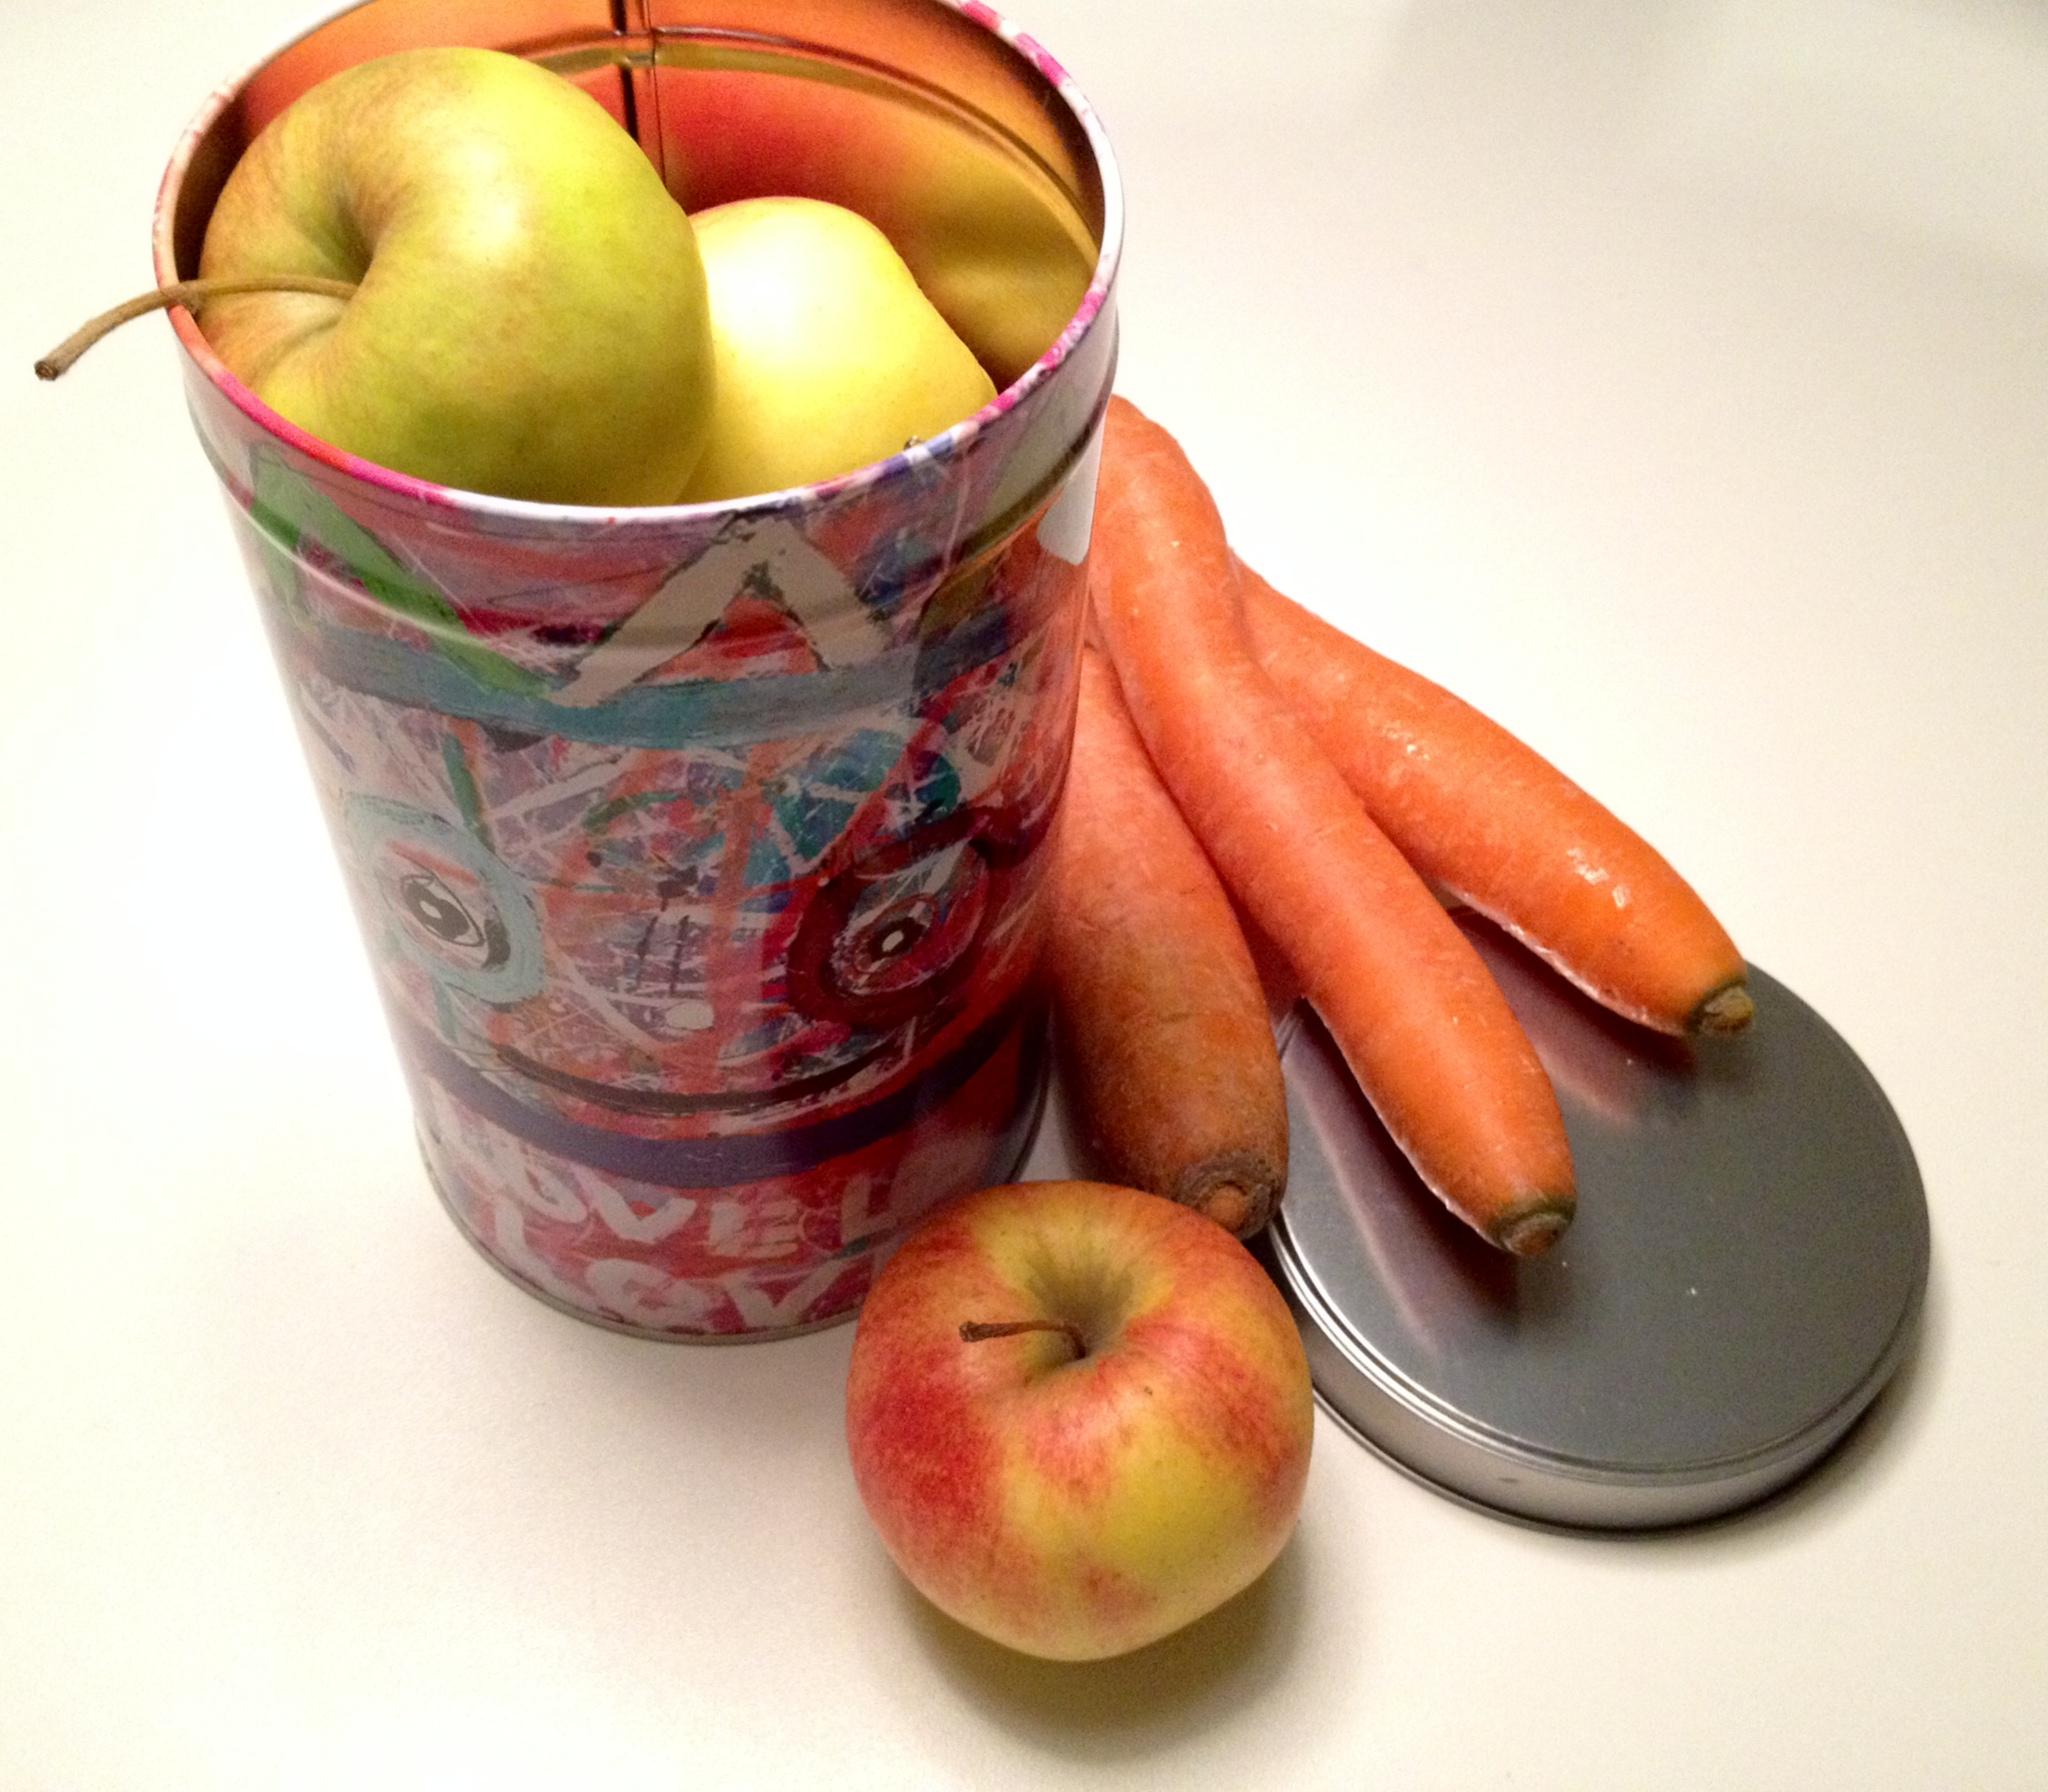 Flotte farver, gode smage og så er de sunde. Der er absolut ingen god grund til, at snige sig udenom hverken frugterne eller grøntsagerne.